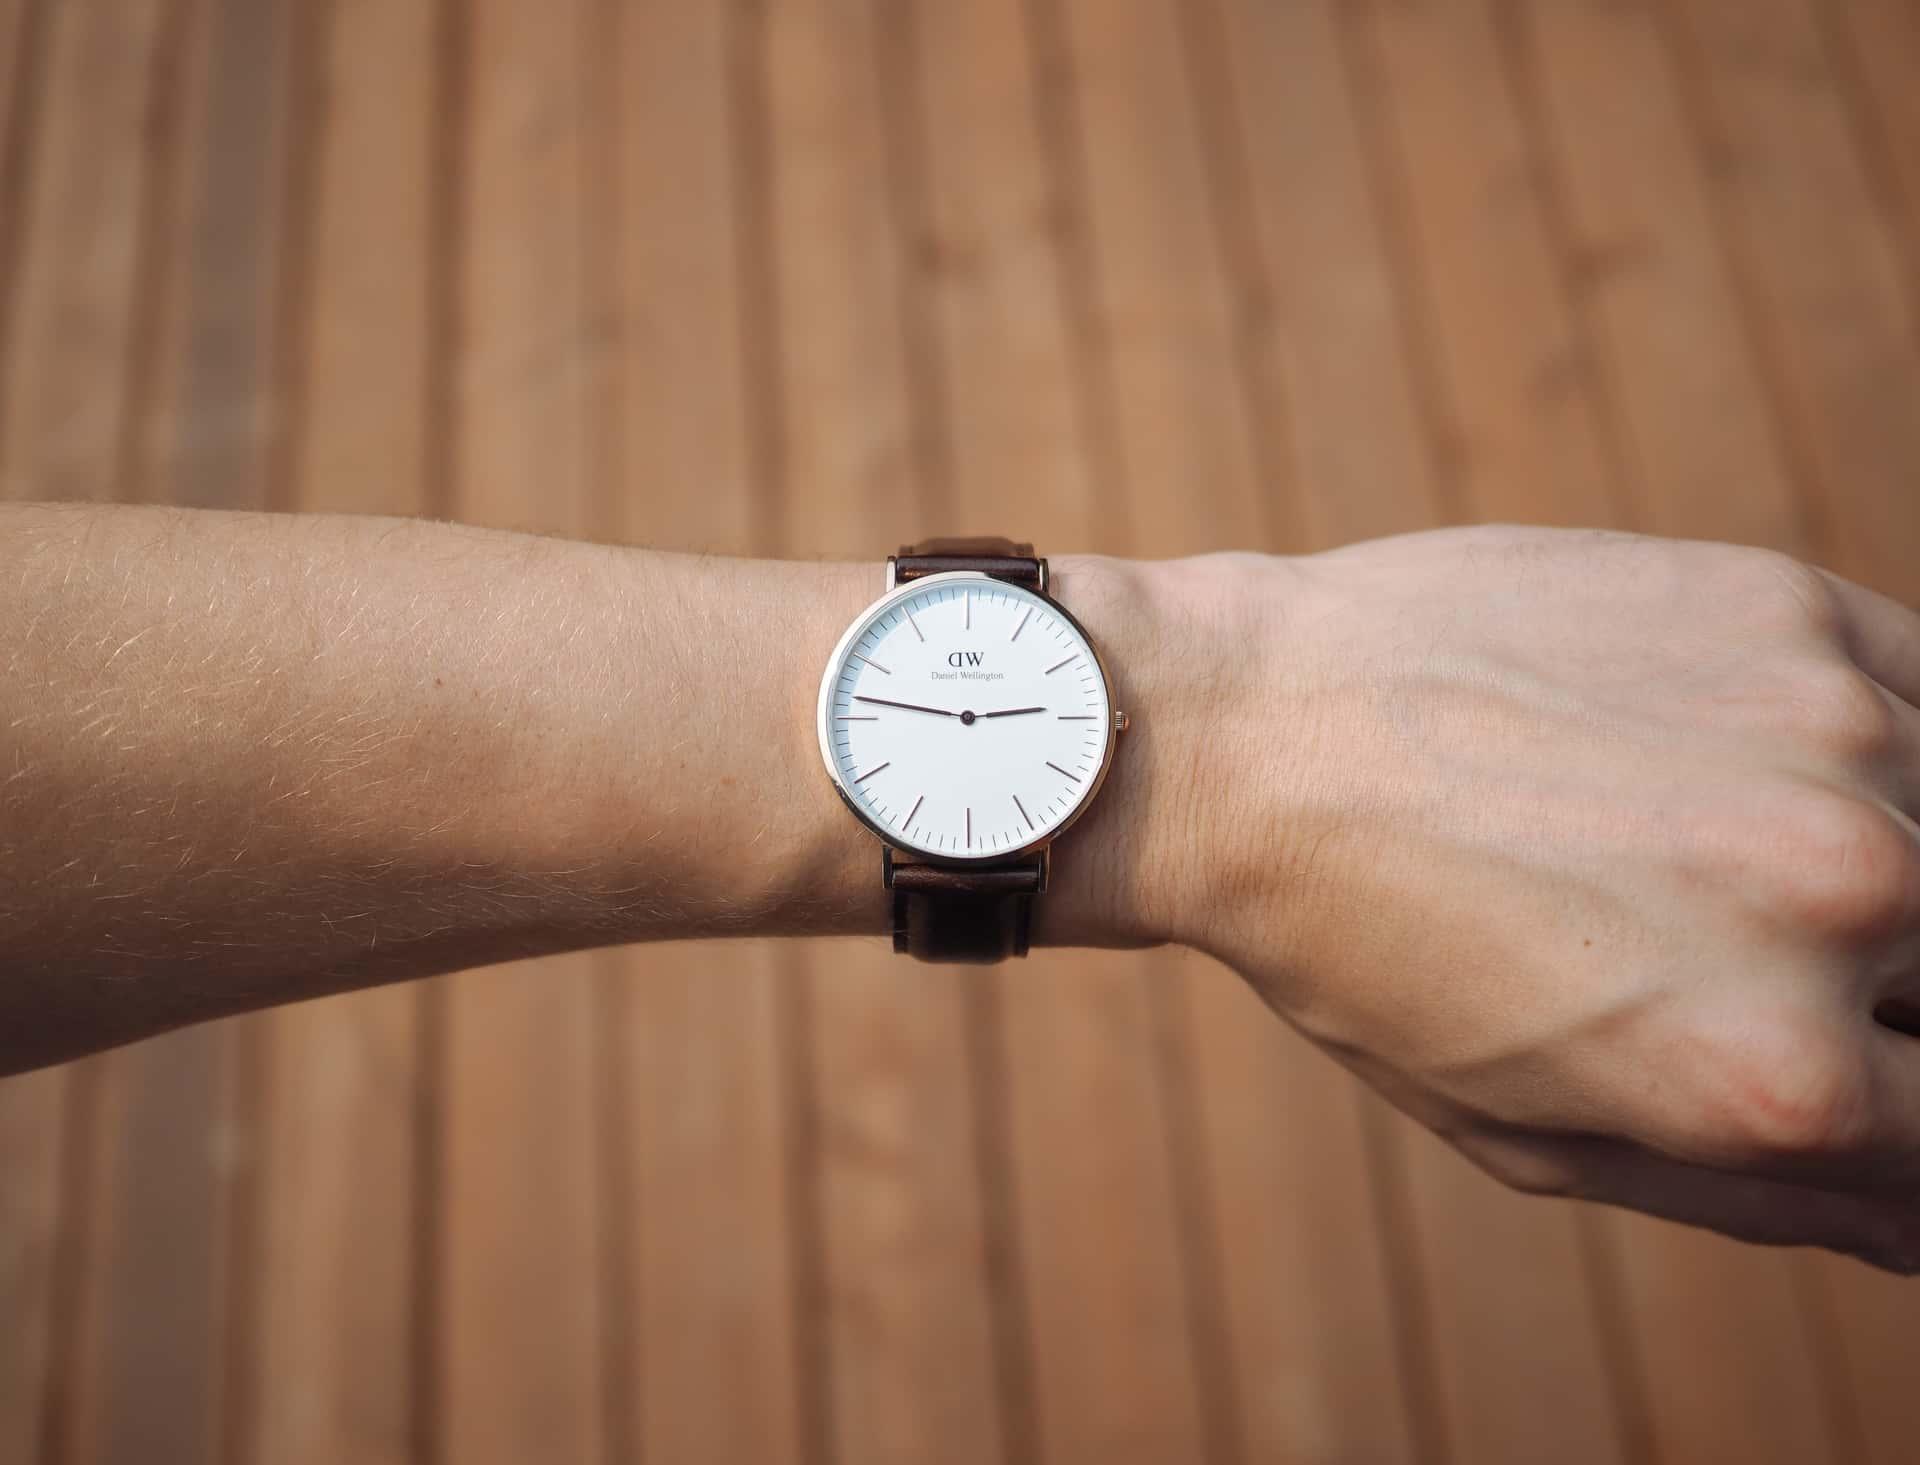 daniel wellington, orologio da polso